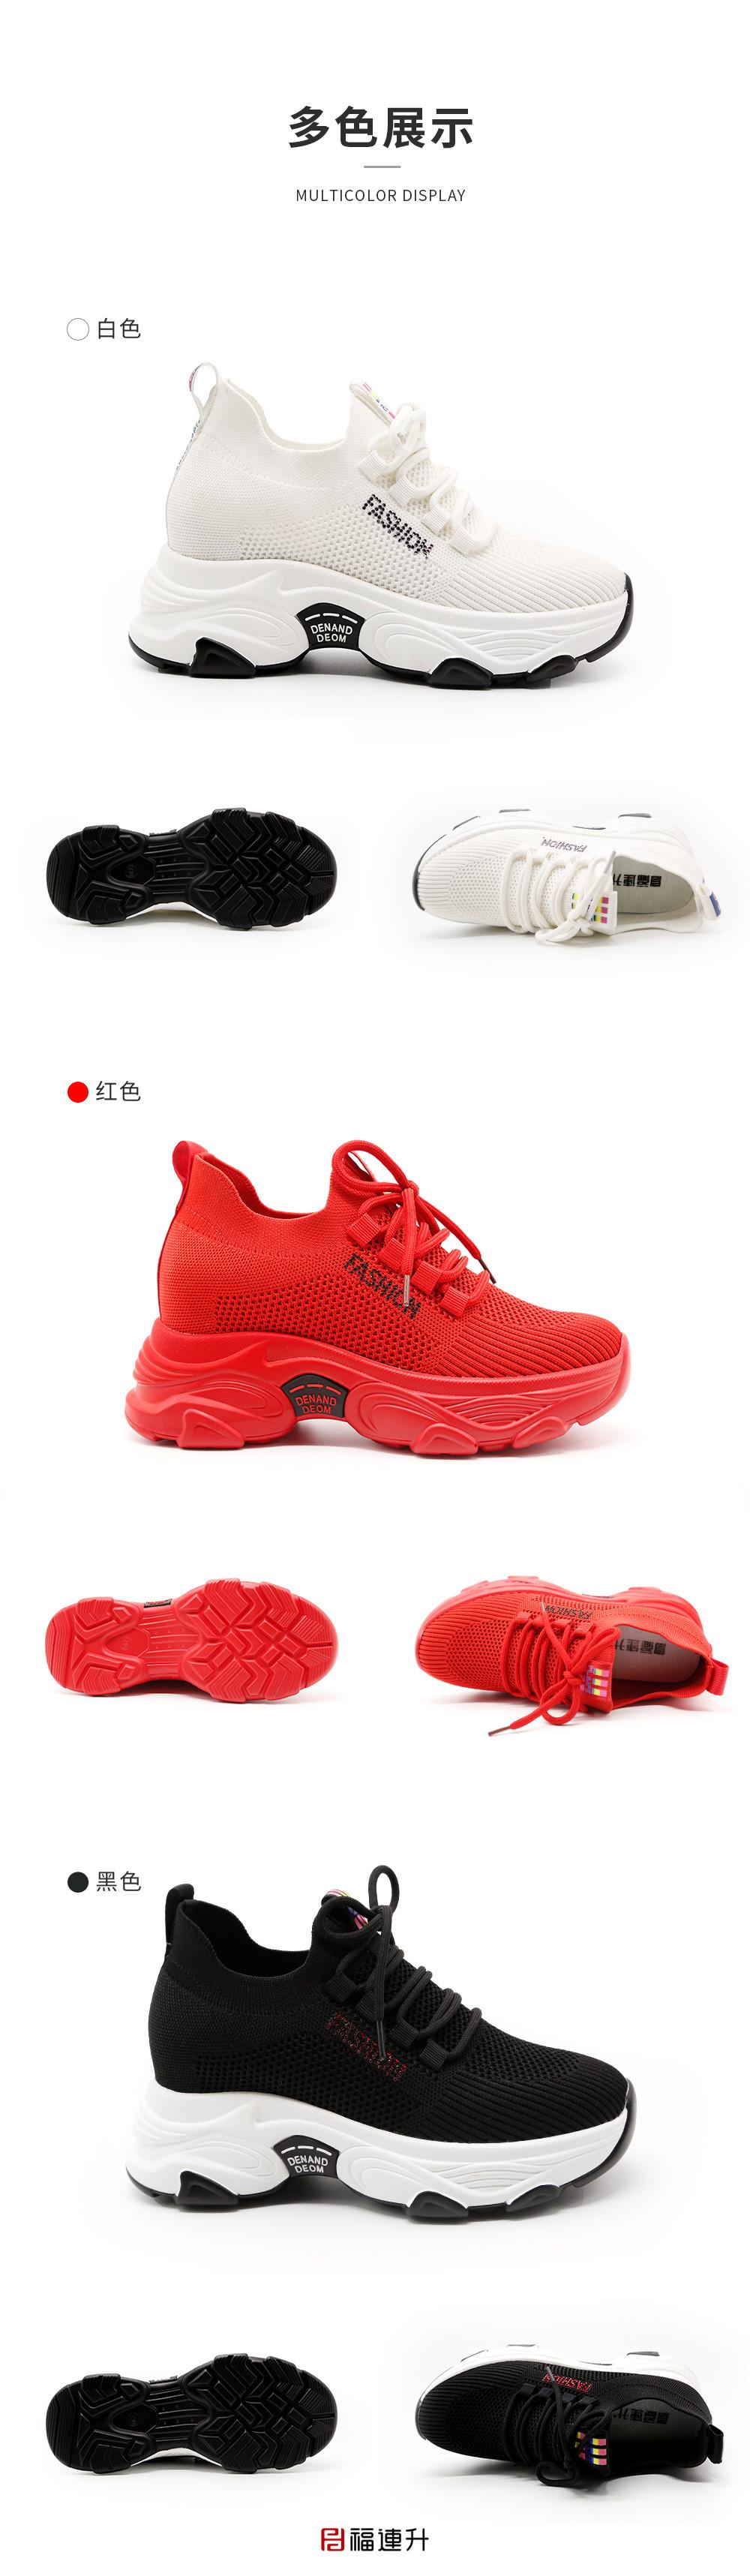 中国红内增高女鞋厚底棉麻透气健步妈妈鞋图片